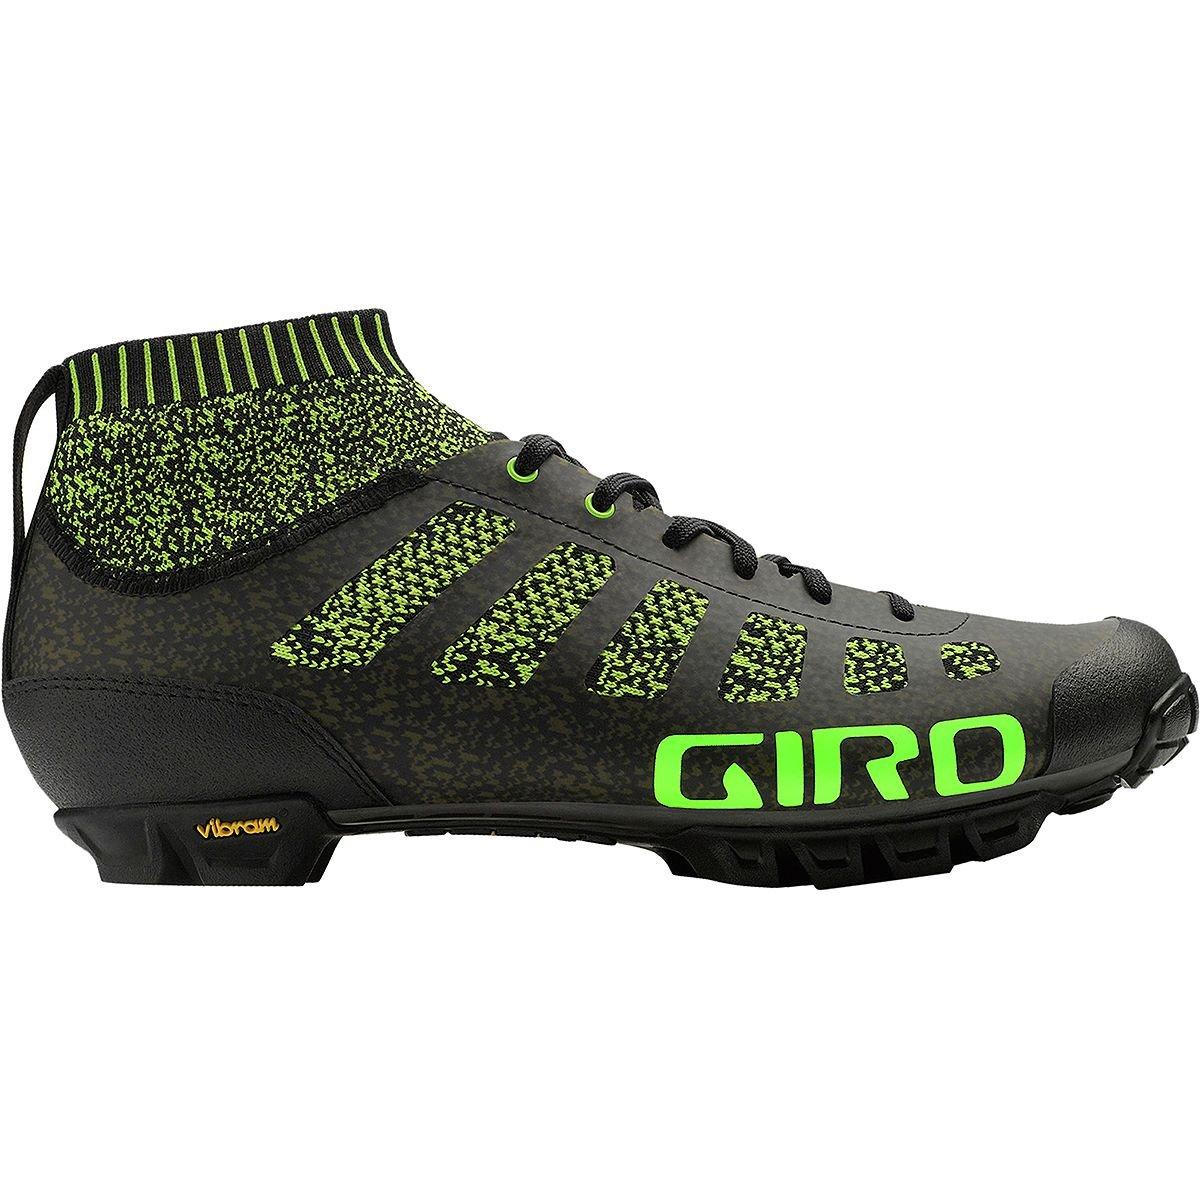 [ジロ Giro] メンズ スポーツ サイクリング Empire VR70 Knit Shoe [並行輸入品] B07FN71XXQ 46.5